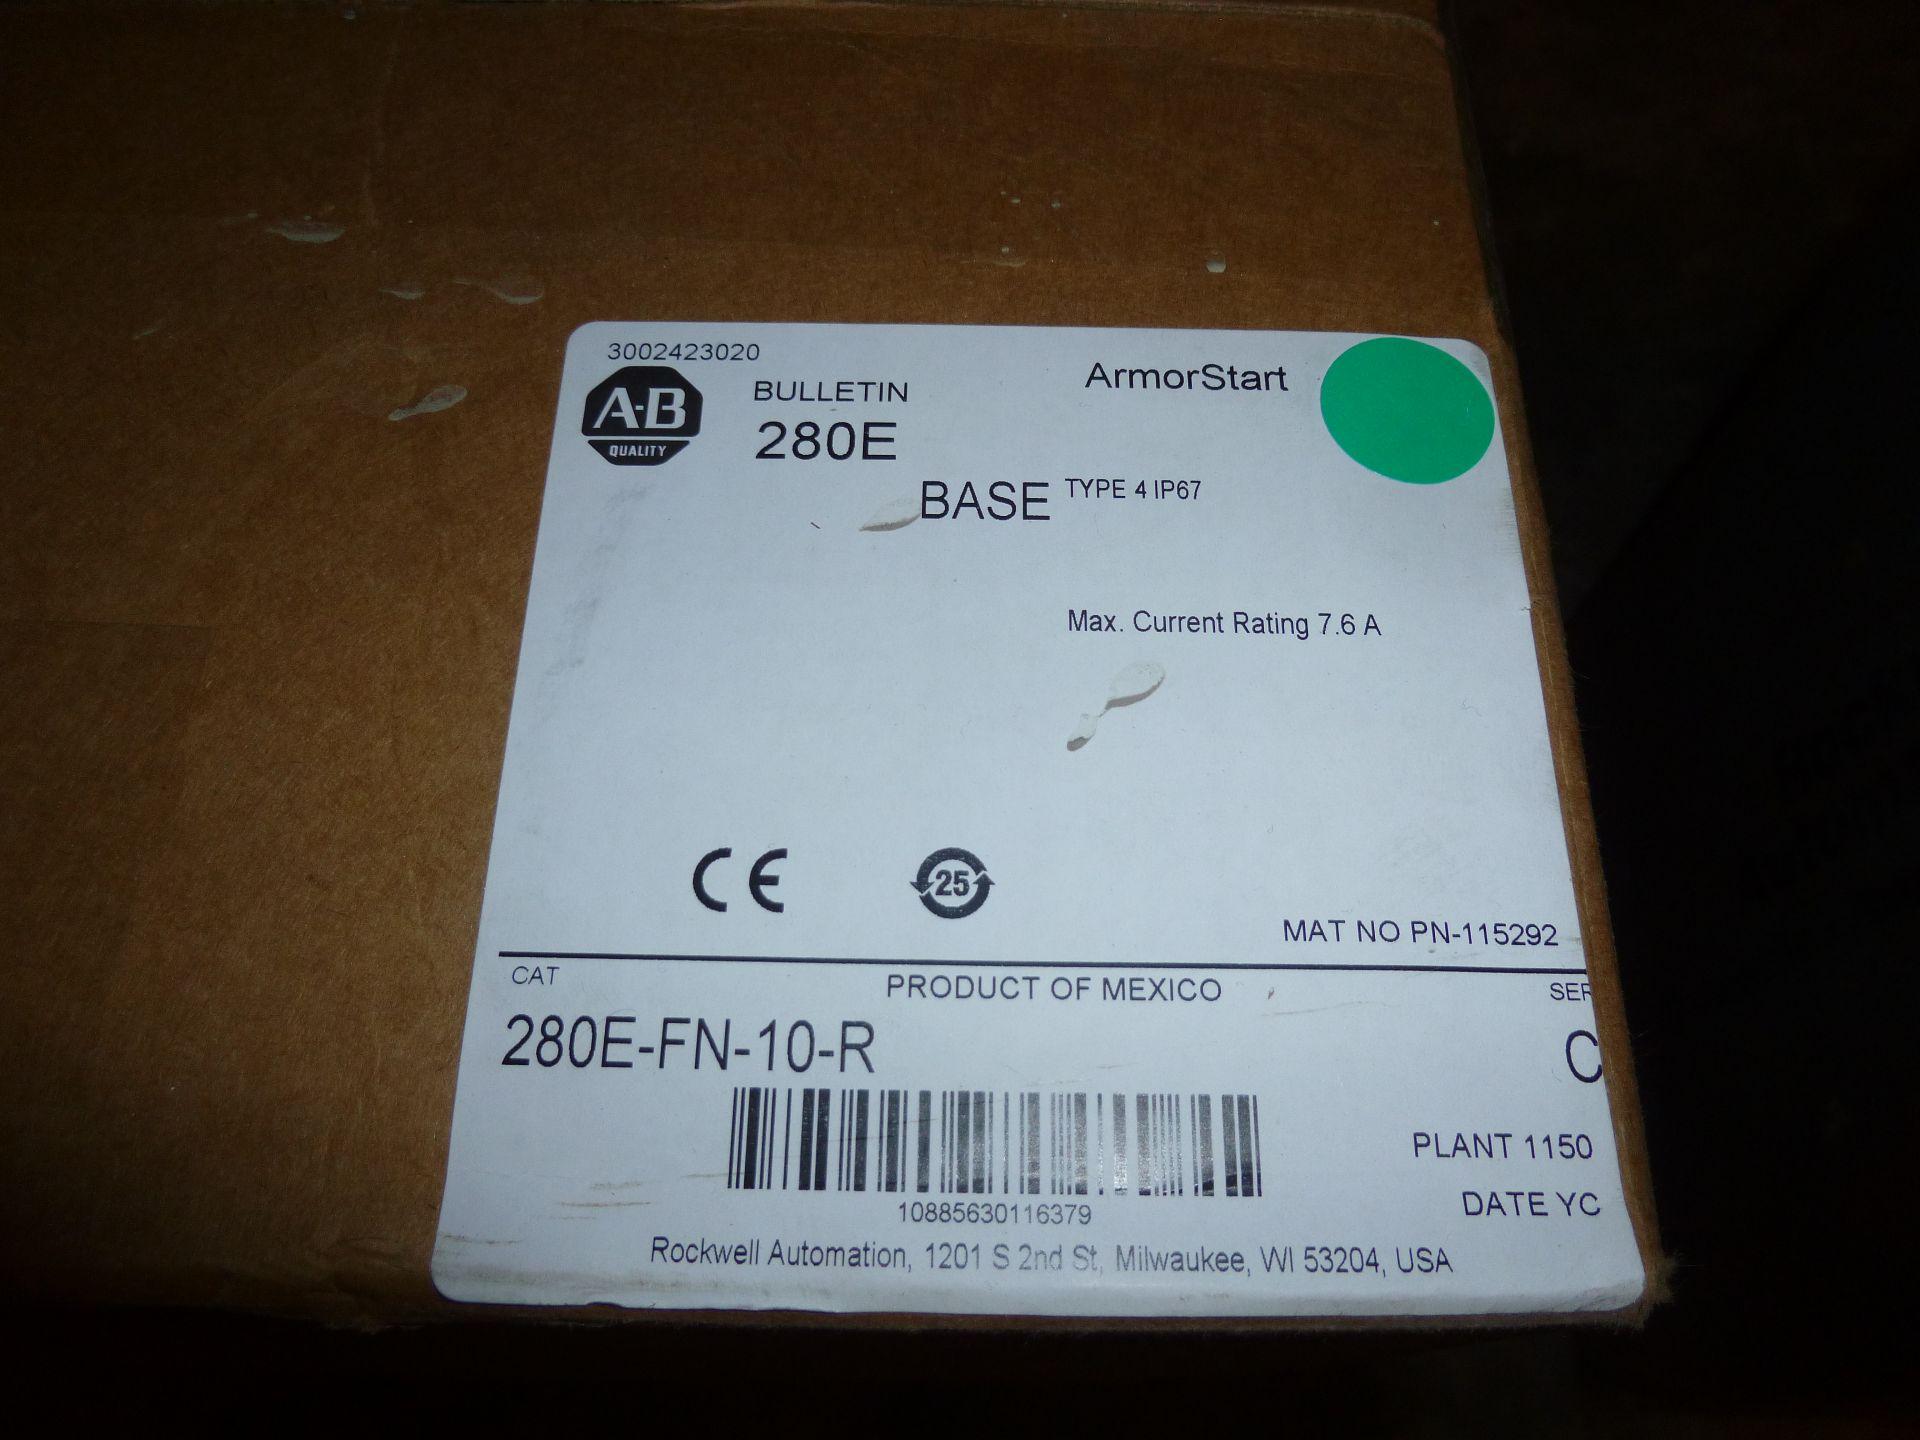 Lot 29 - Allen Bradley Armorstart base Cat 280E-FN-10-R, new in box